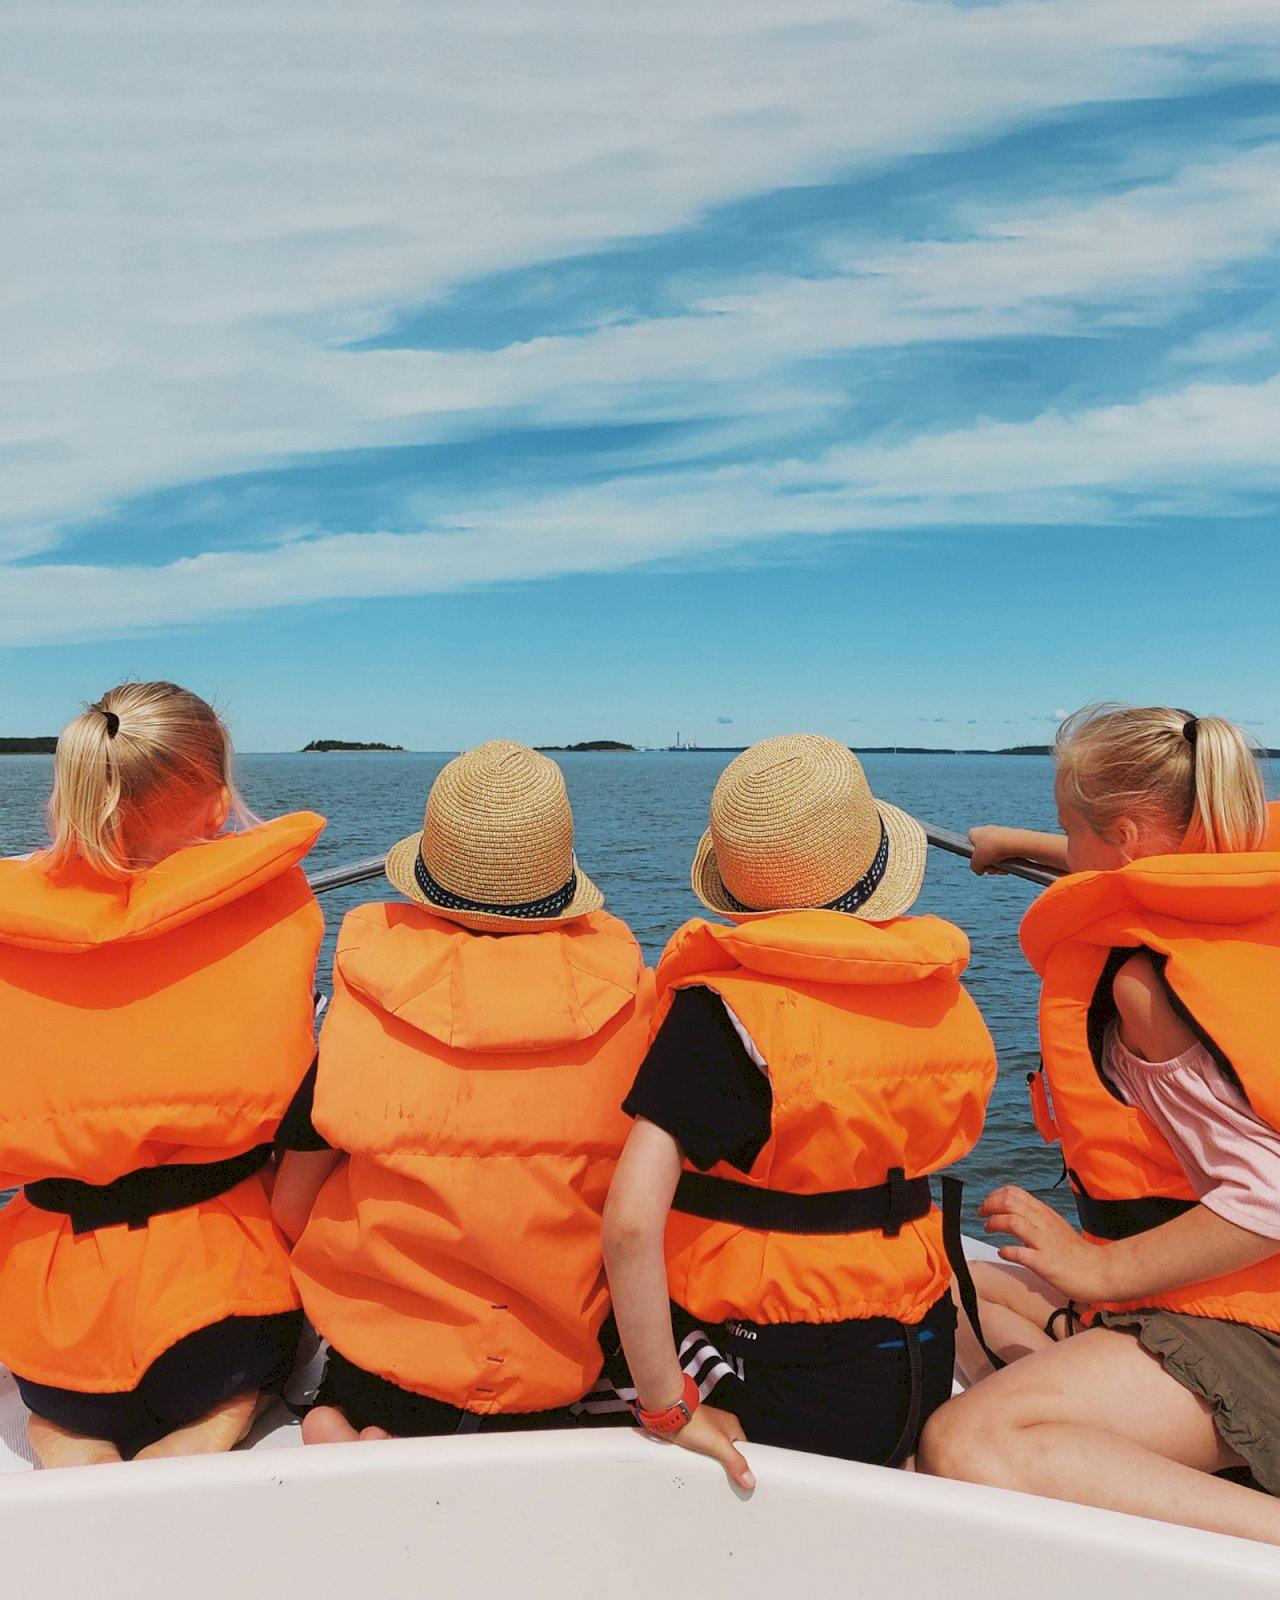 Neljä lasta istuvat veneen keulassa pelastusliivit päällään Porin veneretkellä.